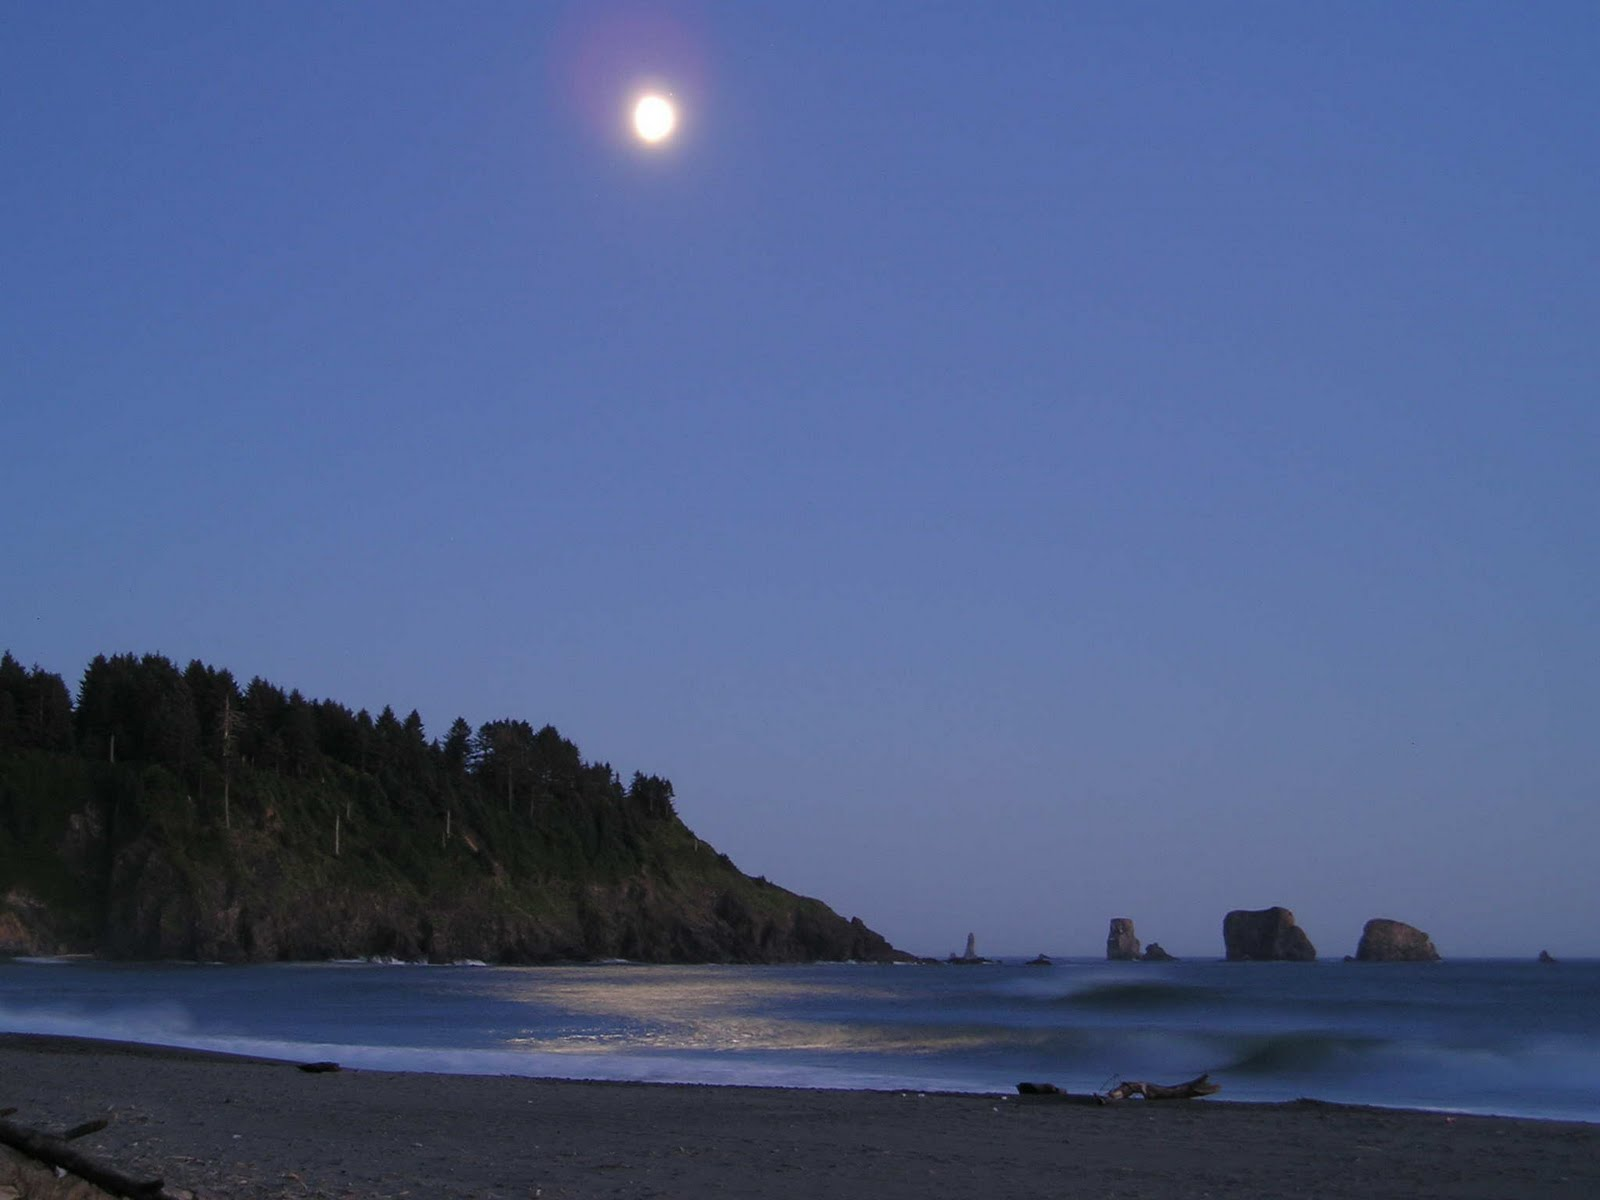 [moon-on-the-beach.jpg]